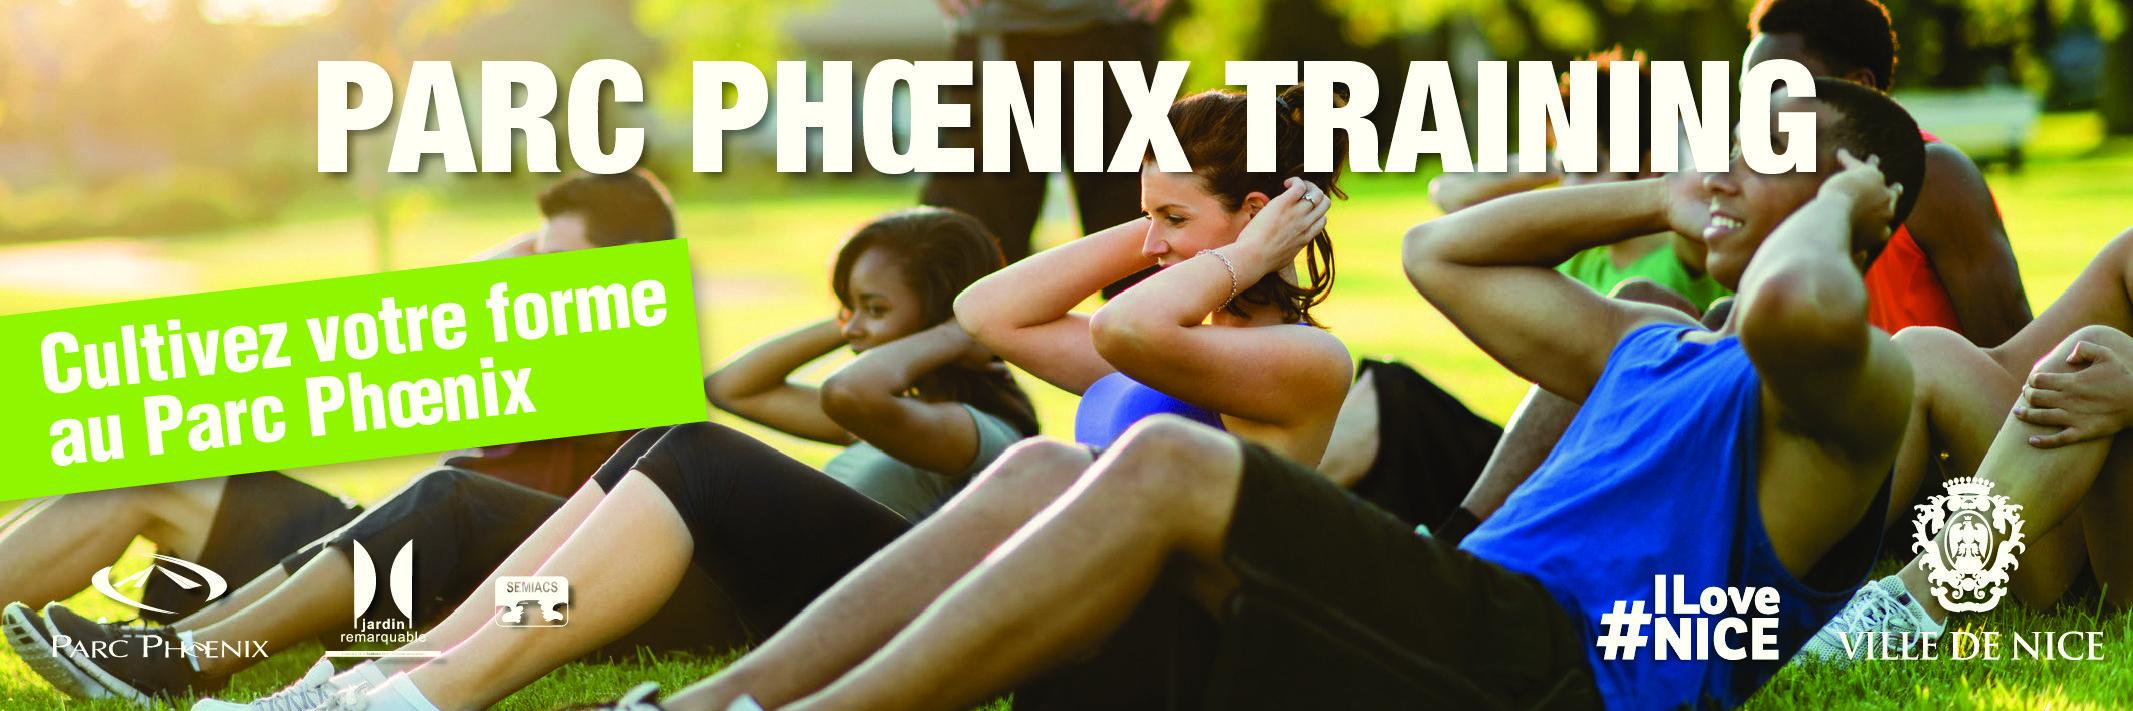 Parc Phoenix Training